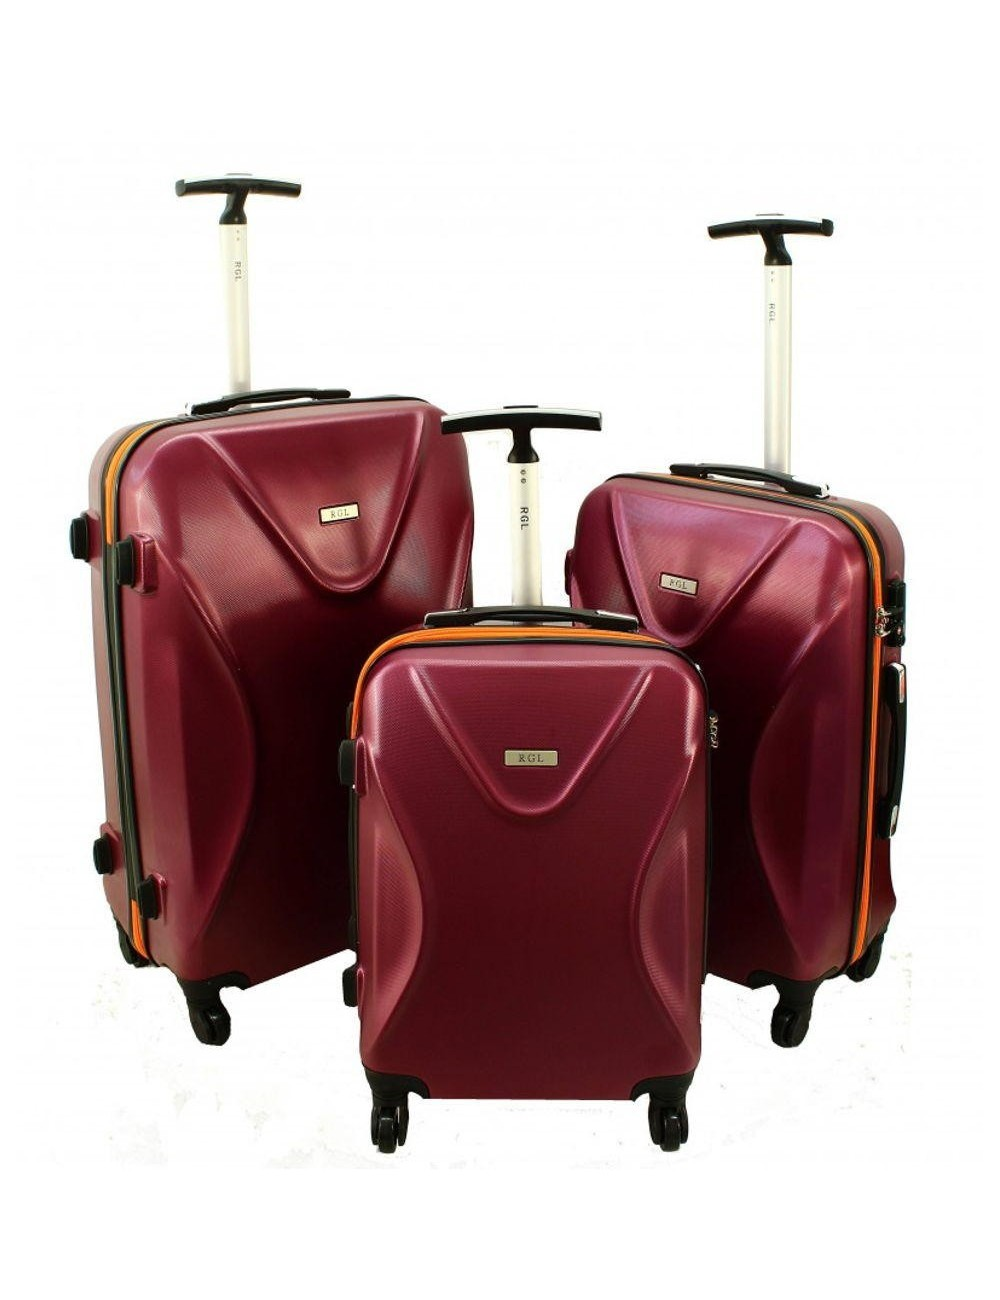 Zestaw walizek podróżnych 3w1 750 XXL XL L - bordowo-pomarańczowy